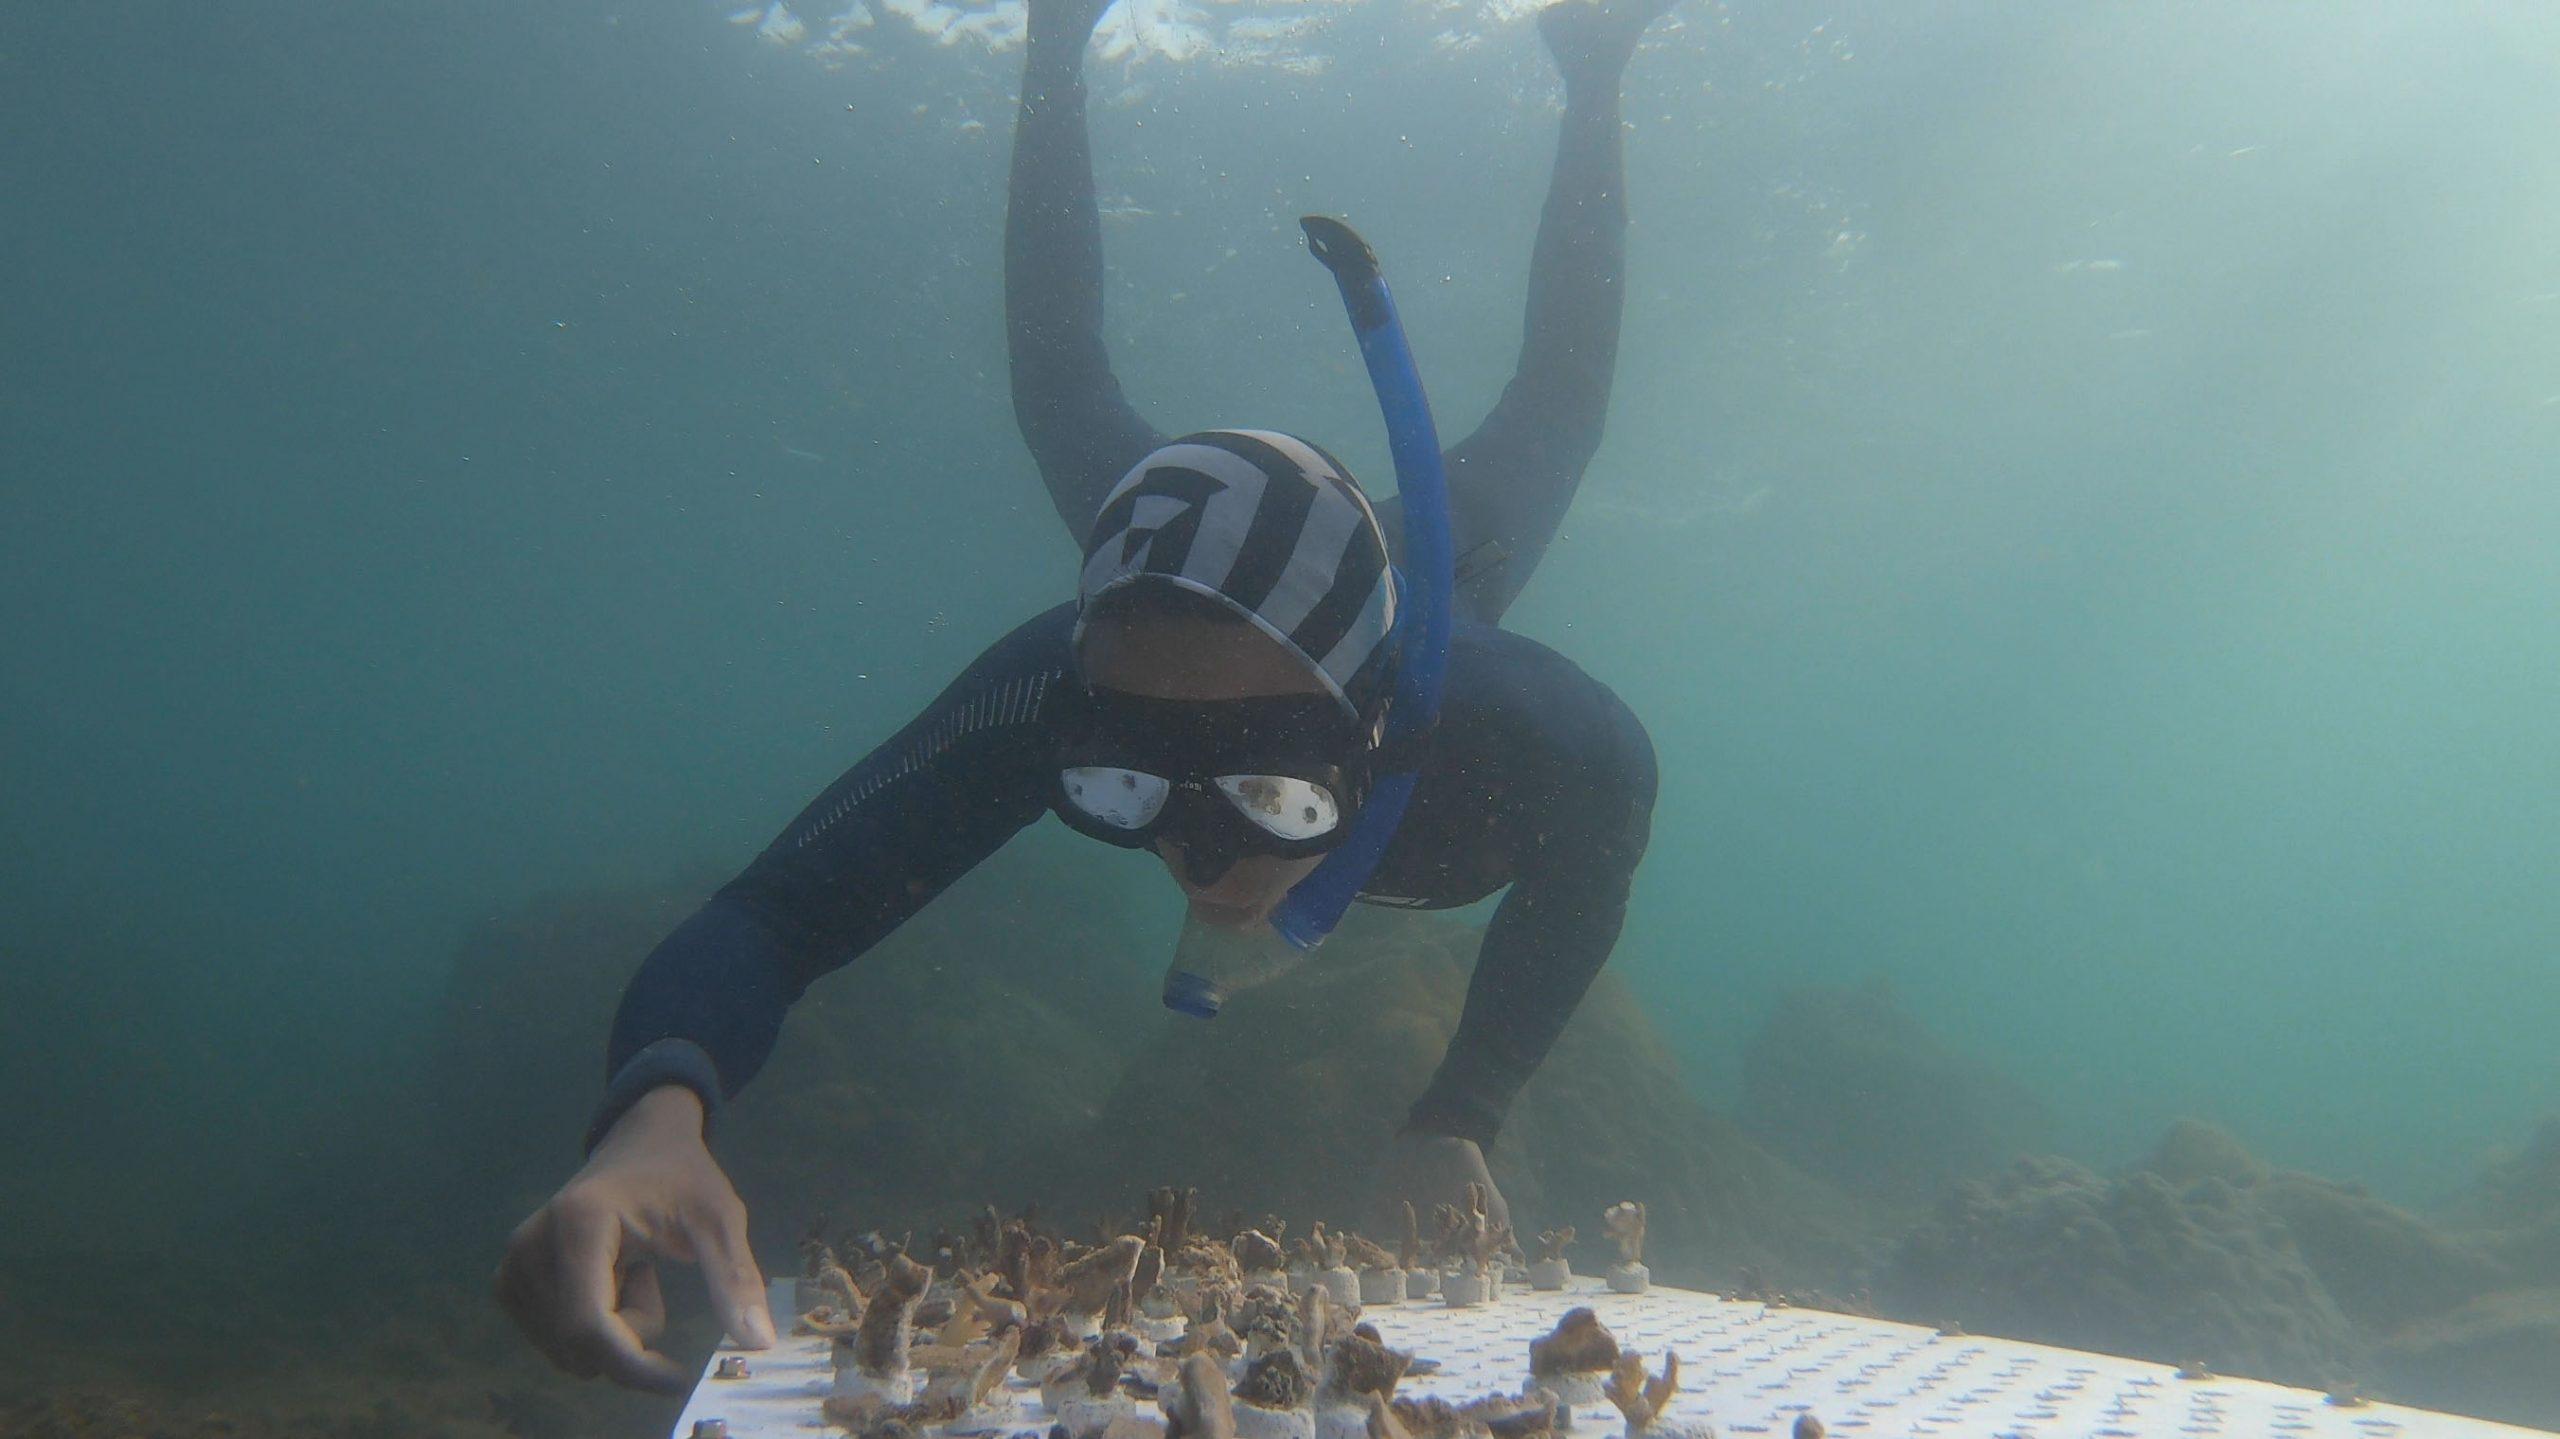 đội cứu hộ sasa bảo vệ đại dương